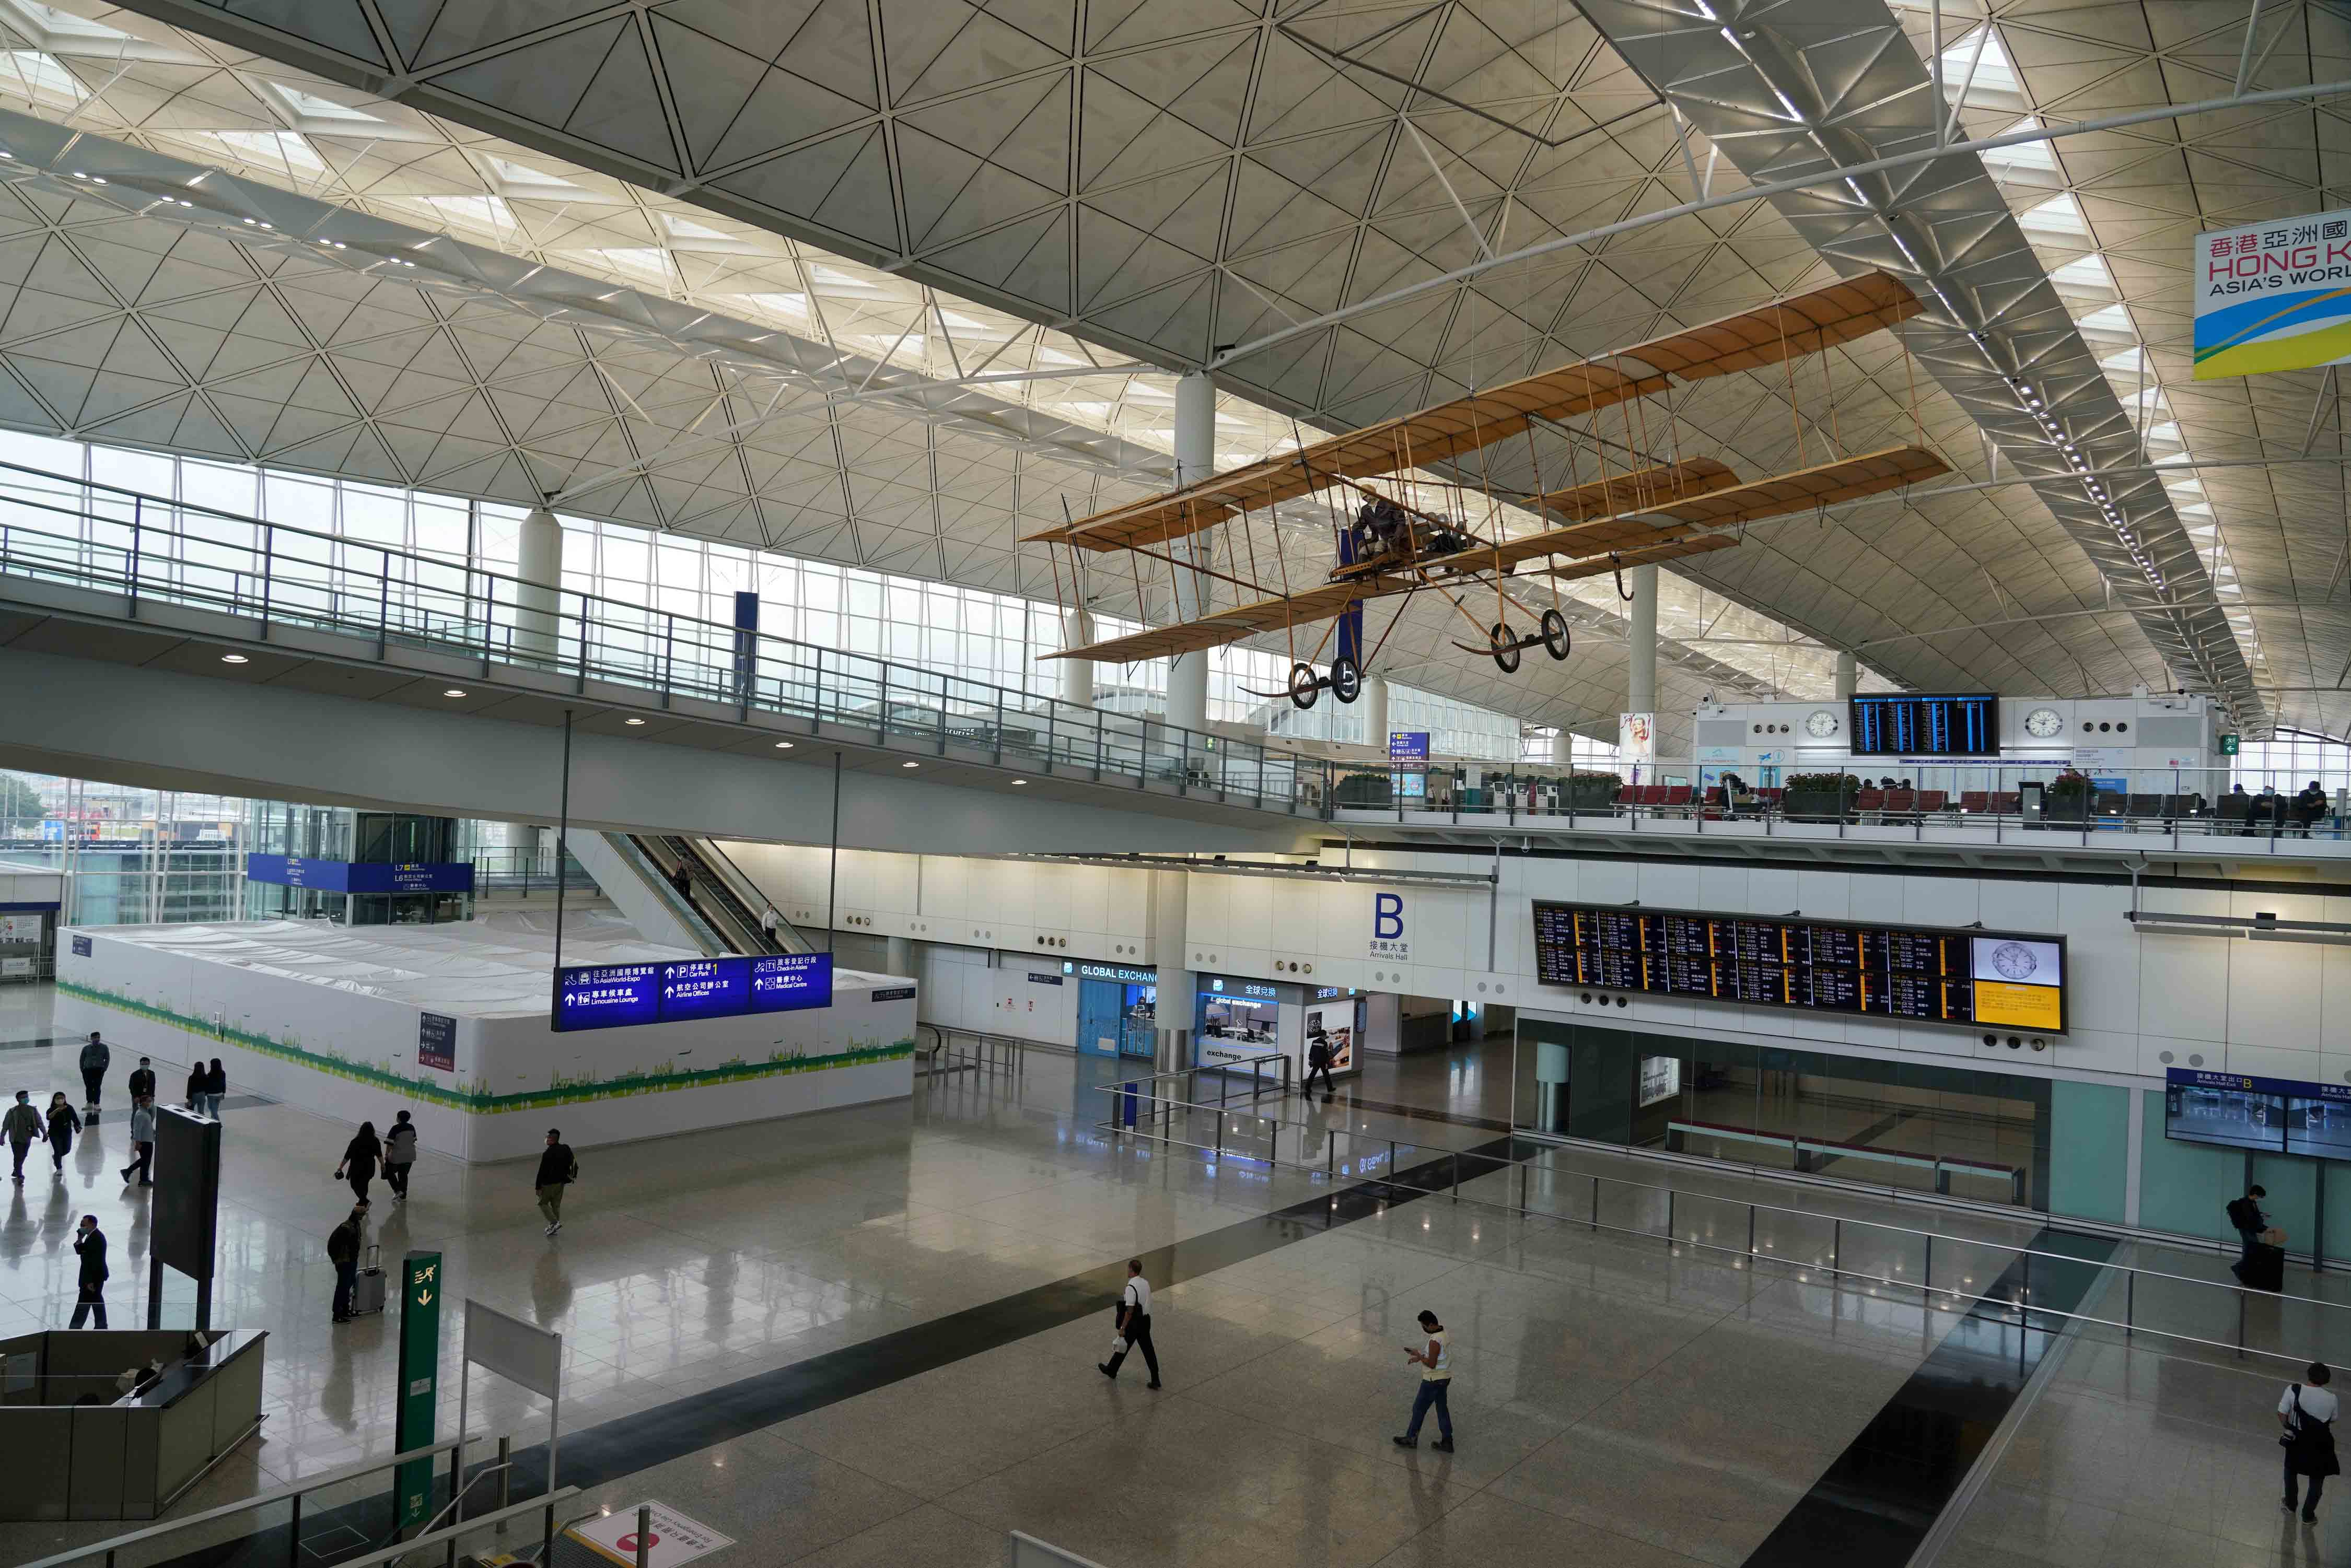 香港前往北京旅客17日起須持陰性核酸檢測結果(資料圖)